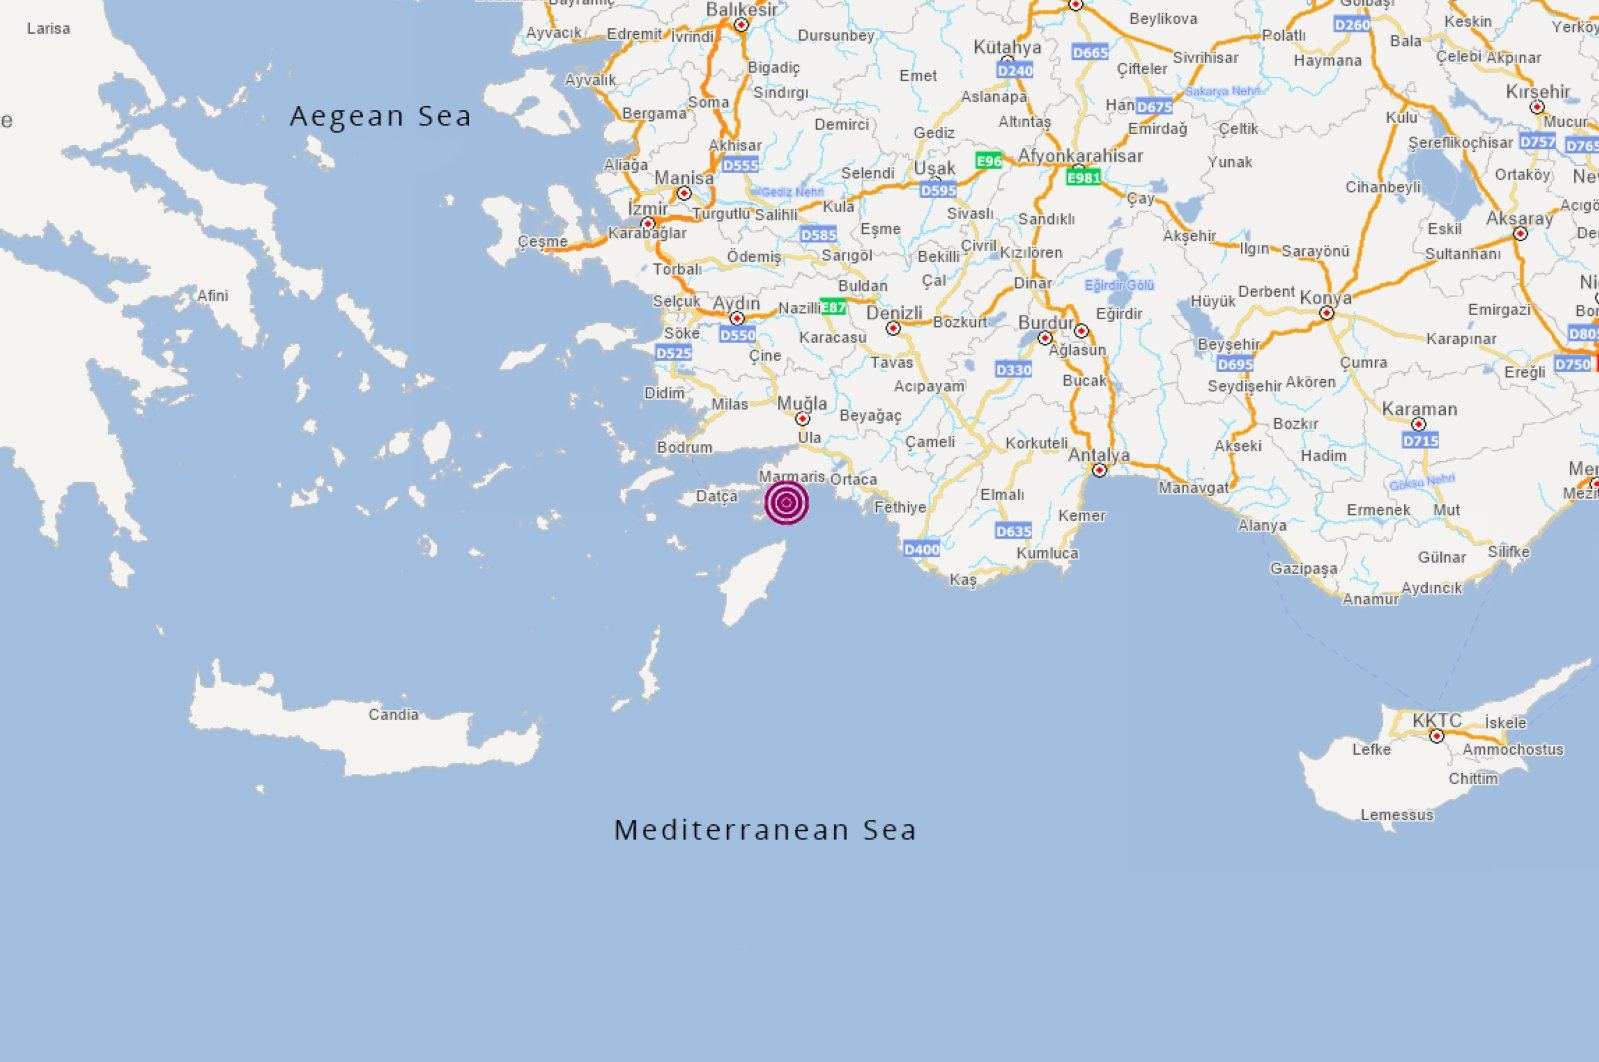 Map courtesy of AFAD